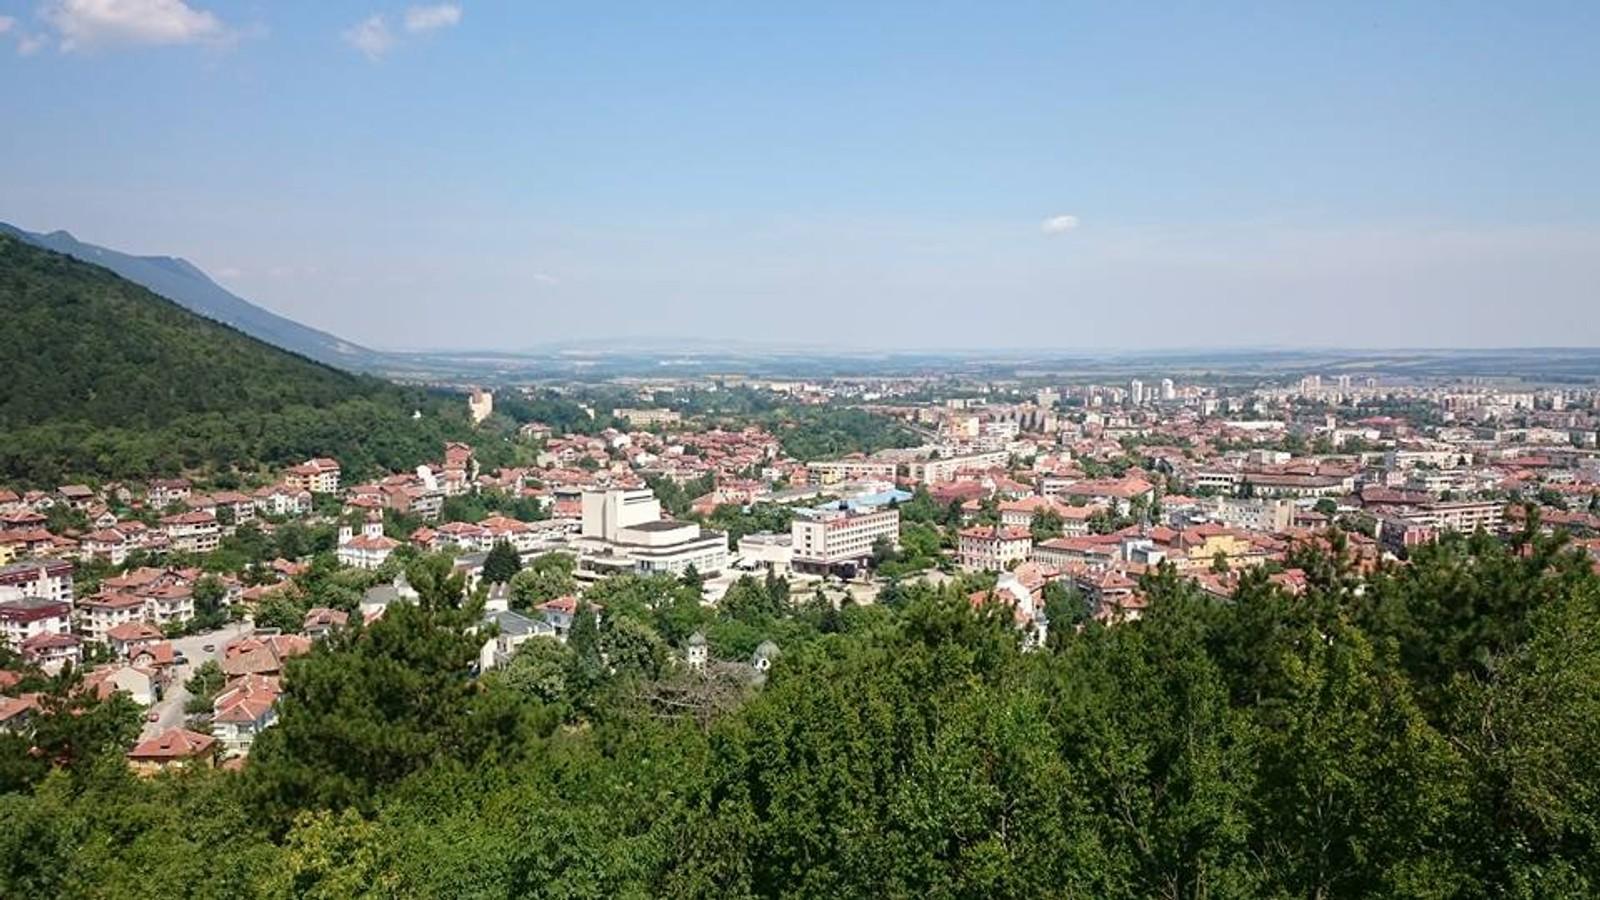 Byen Vratsa fotografert fra en høyde.